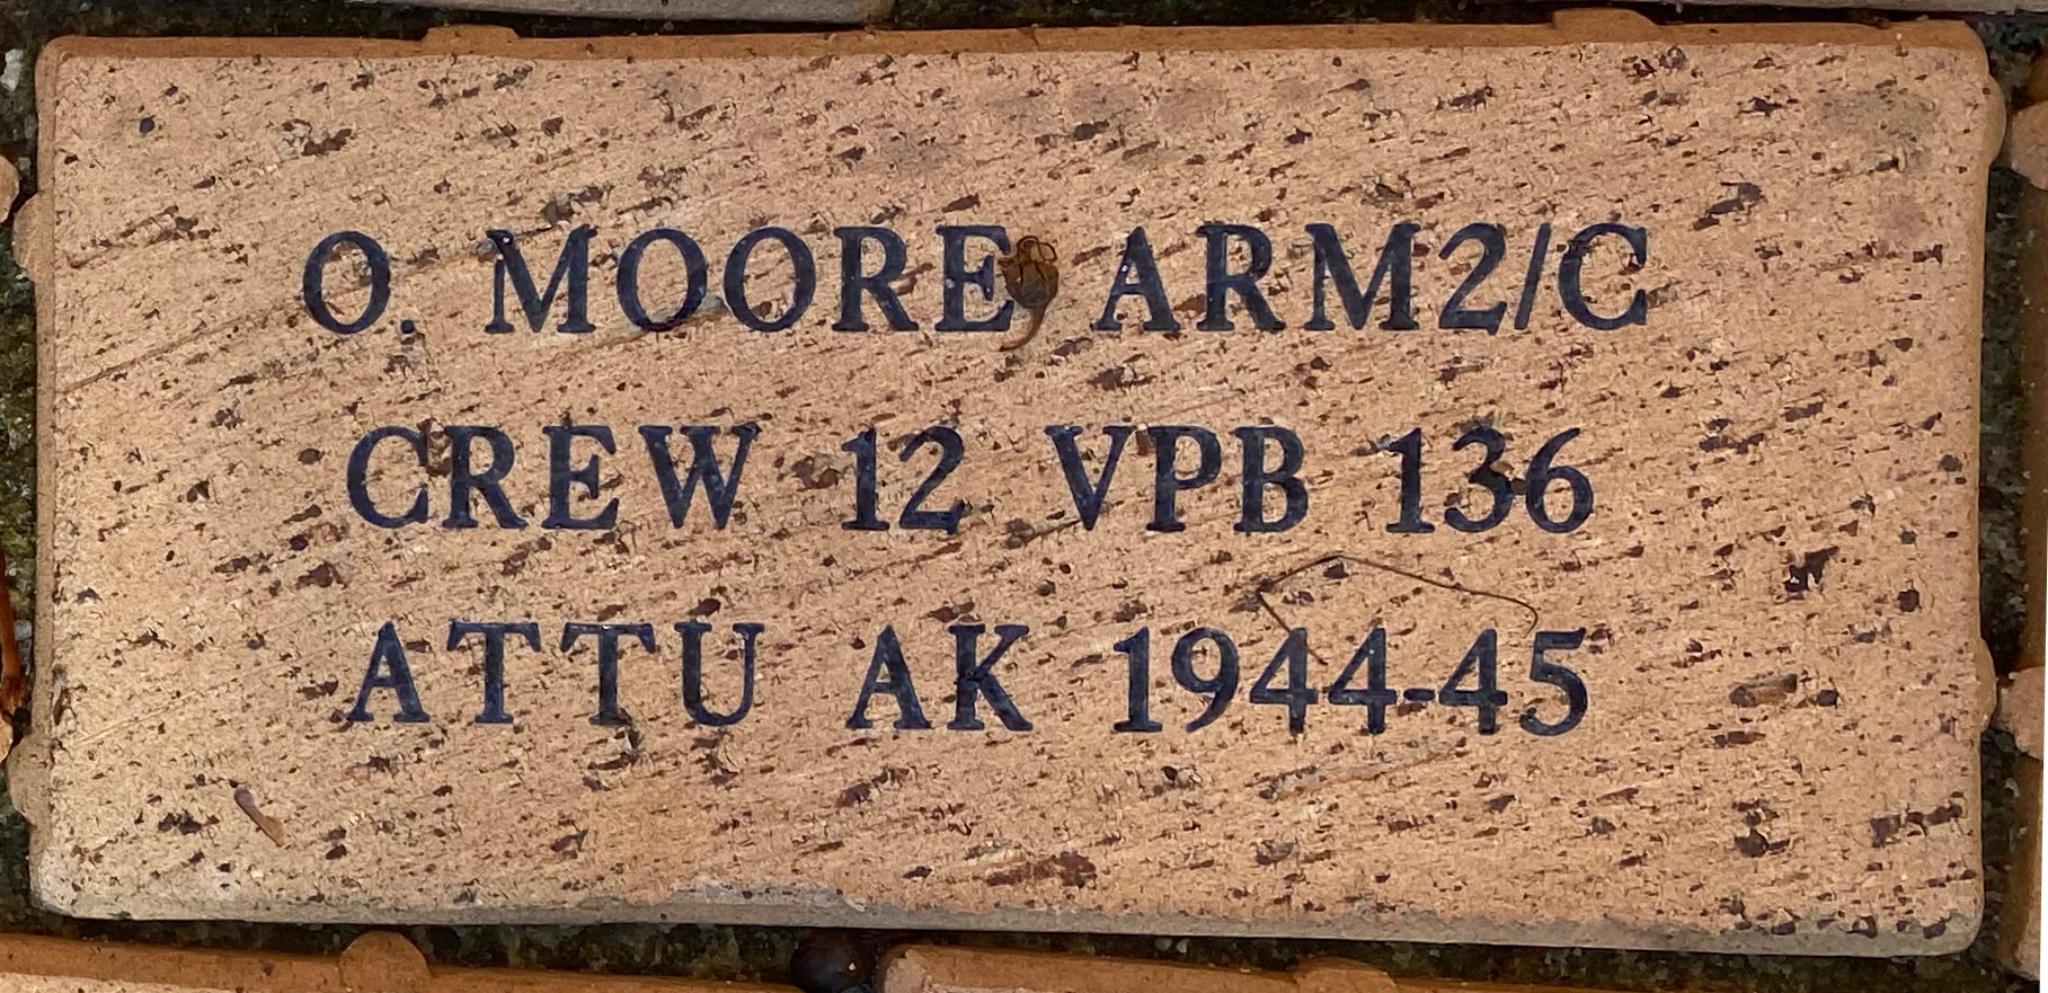 O. MOORE ARM2/C CREW 12 VPB 136 ATTU AK 1944-45